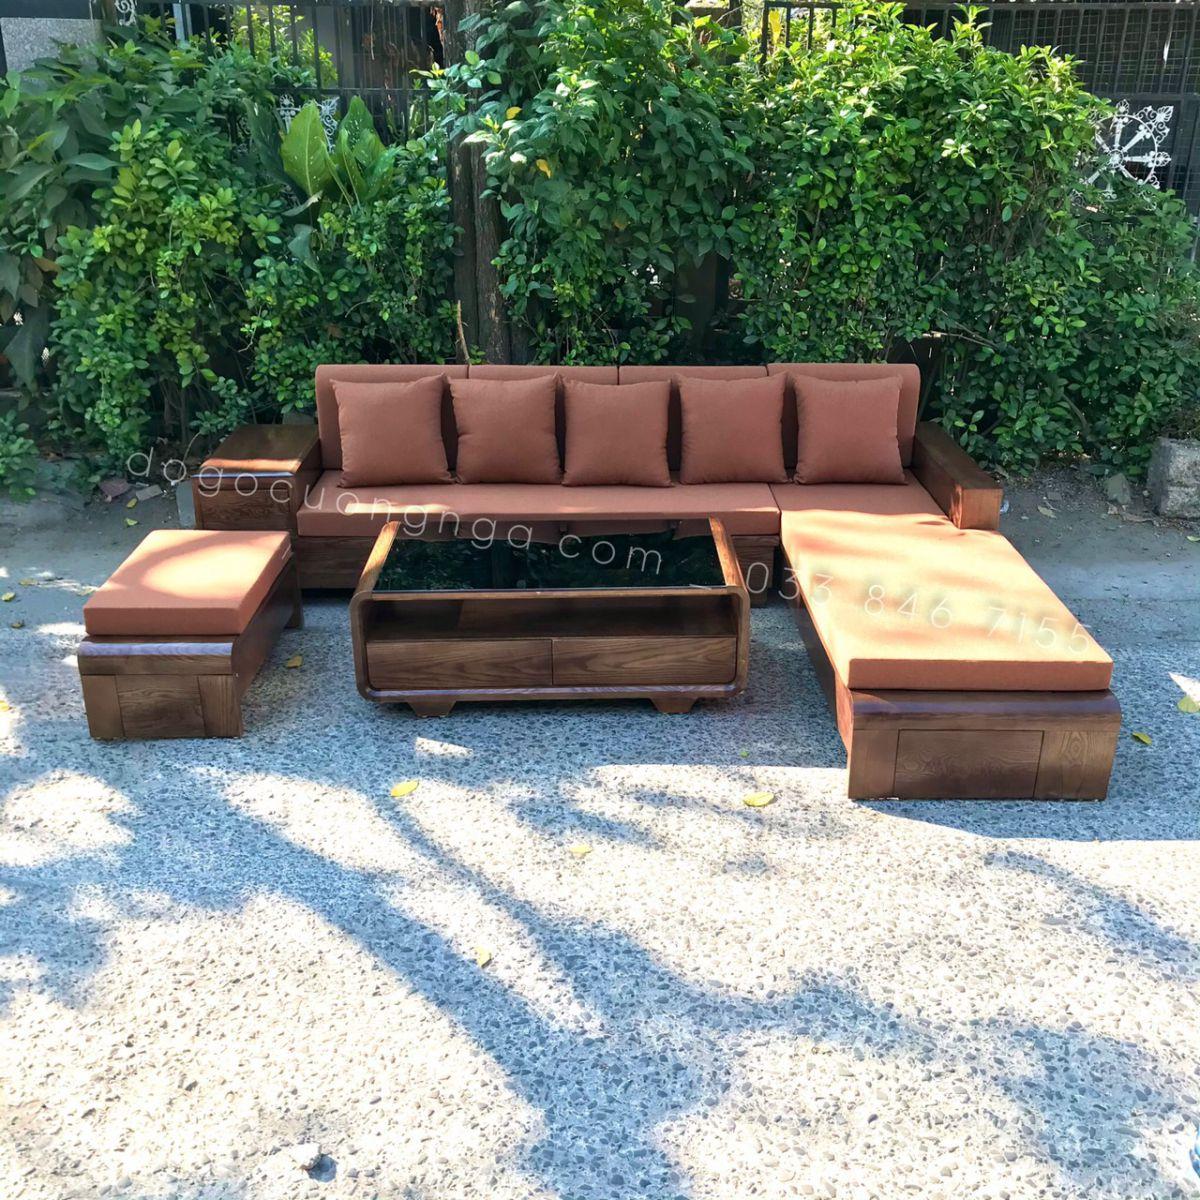 Bộ Sofa Gỗ Góc Sồi Nga Lau Mùa Óc Chó Chân Cuốn 2m8x1m8 kèm nệm (Ảnh 3)